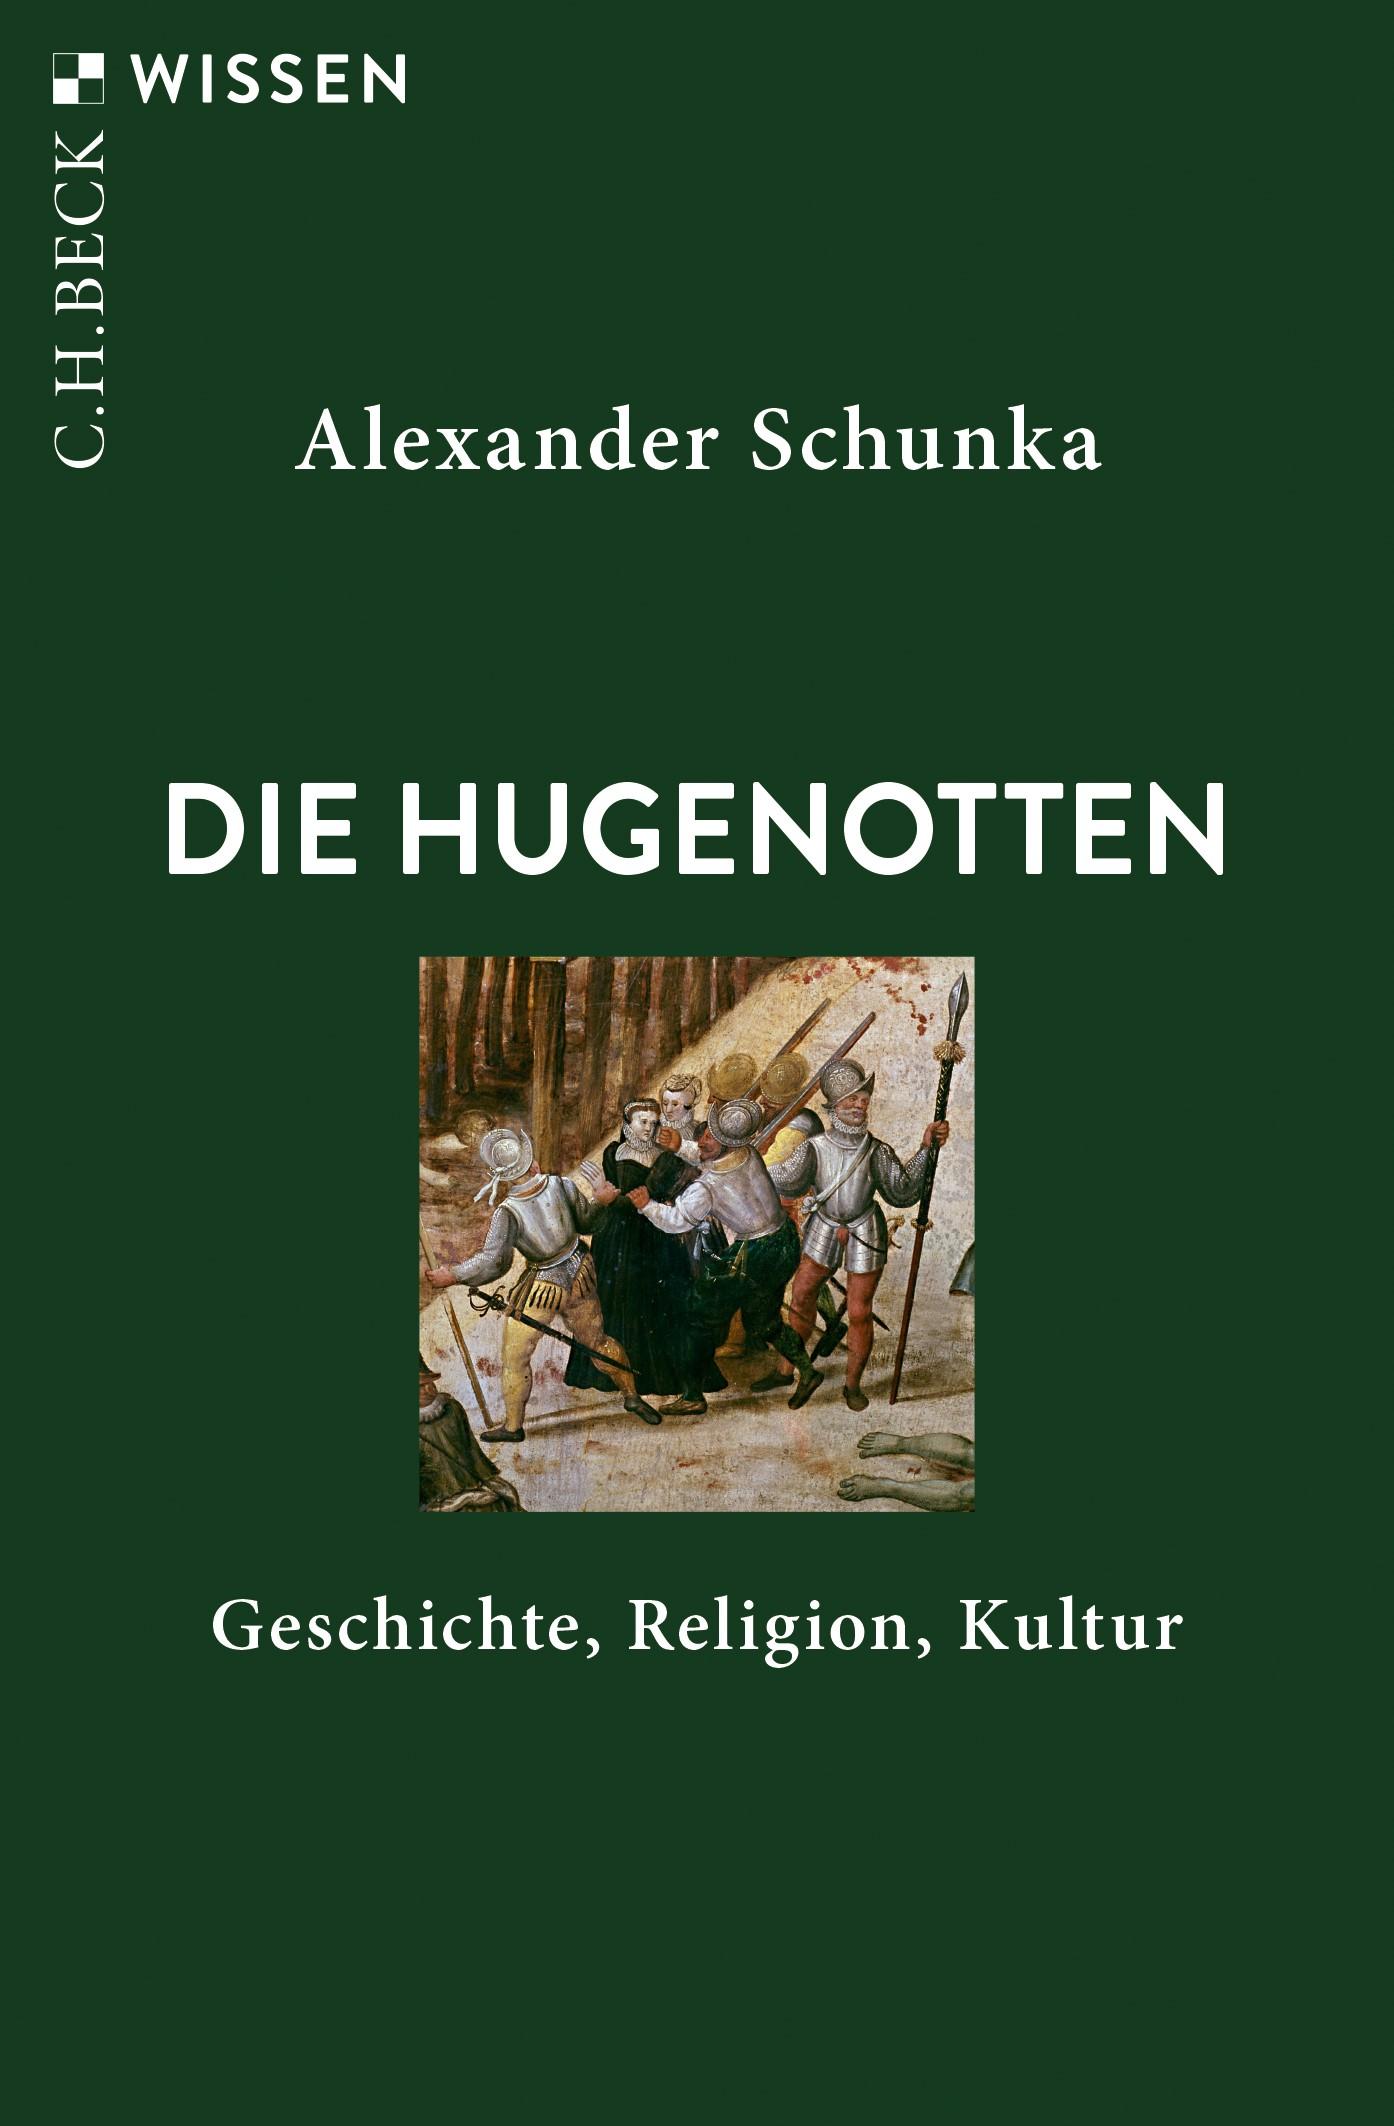 Die Hugenotten | Schunka, Alexander, 2019 | Buch (Cover)